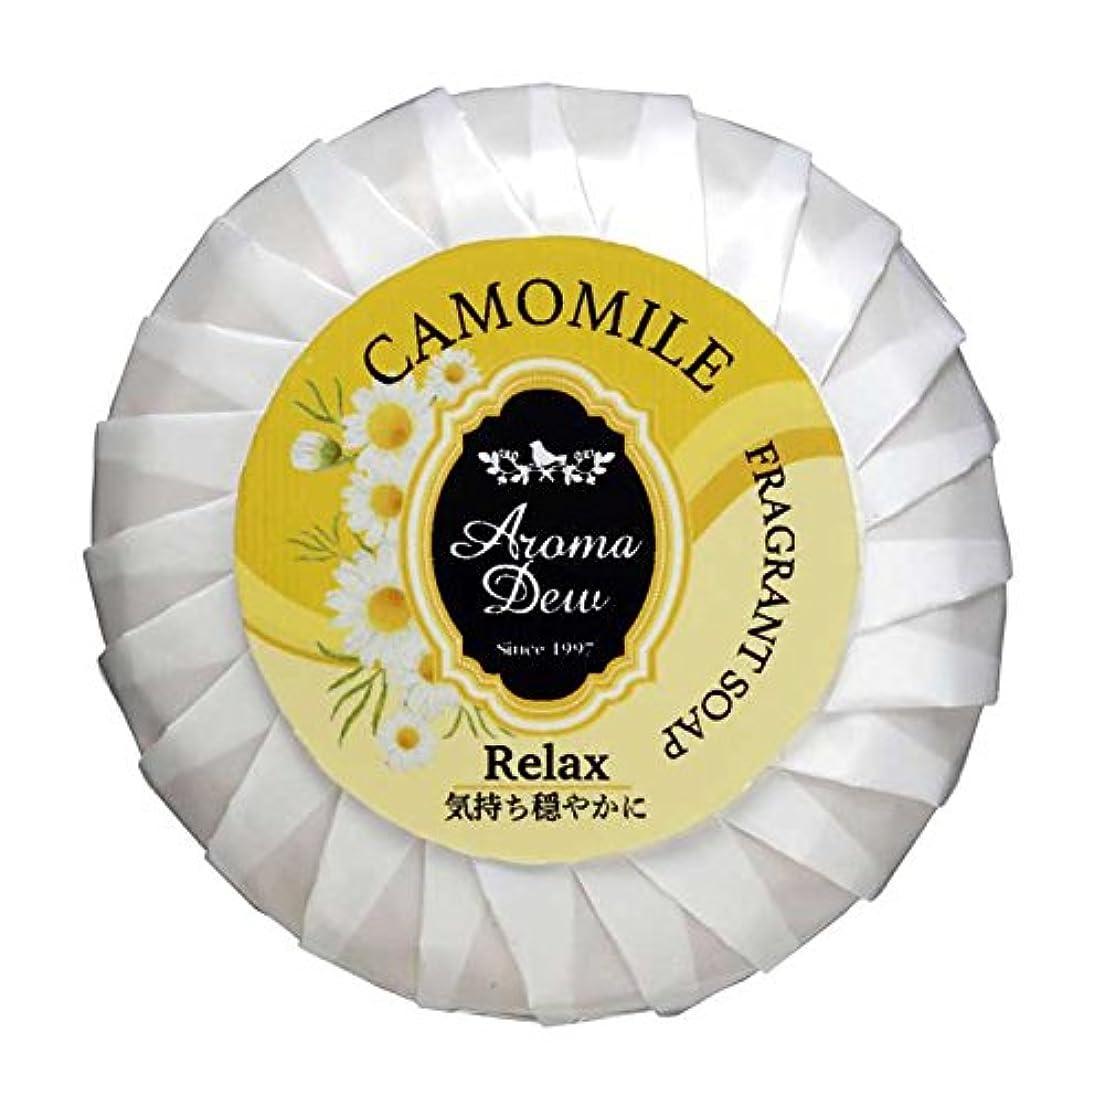 発生器腐食する黒アロマデュウ フレグラントソープ カモミールの香り 100g